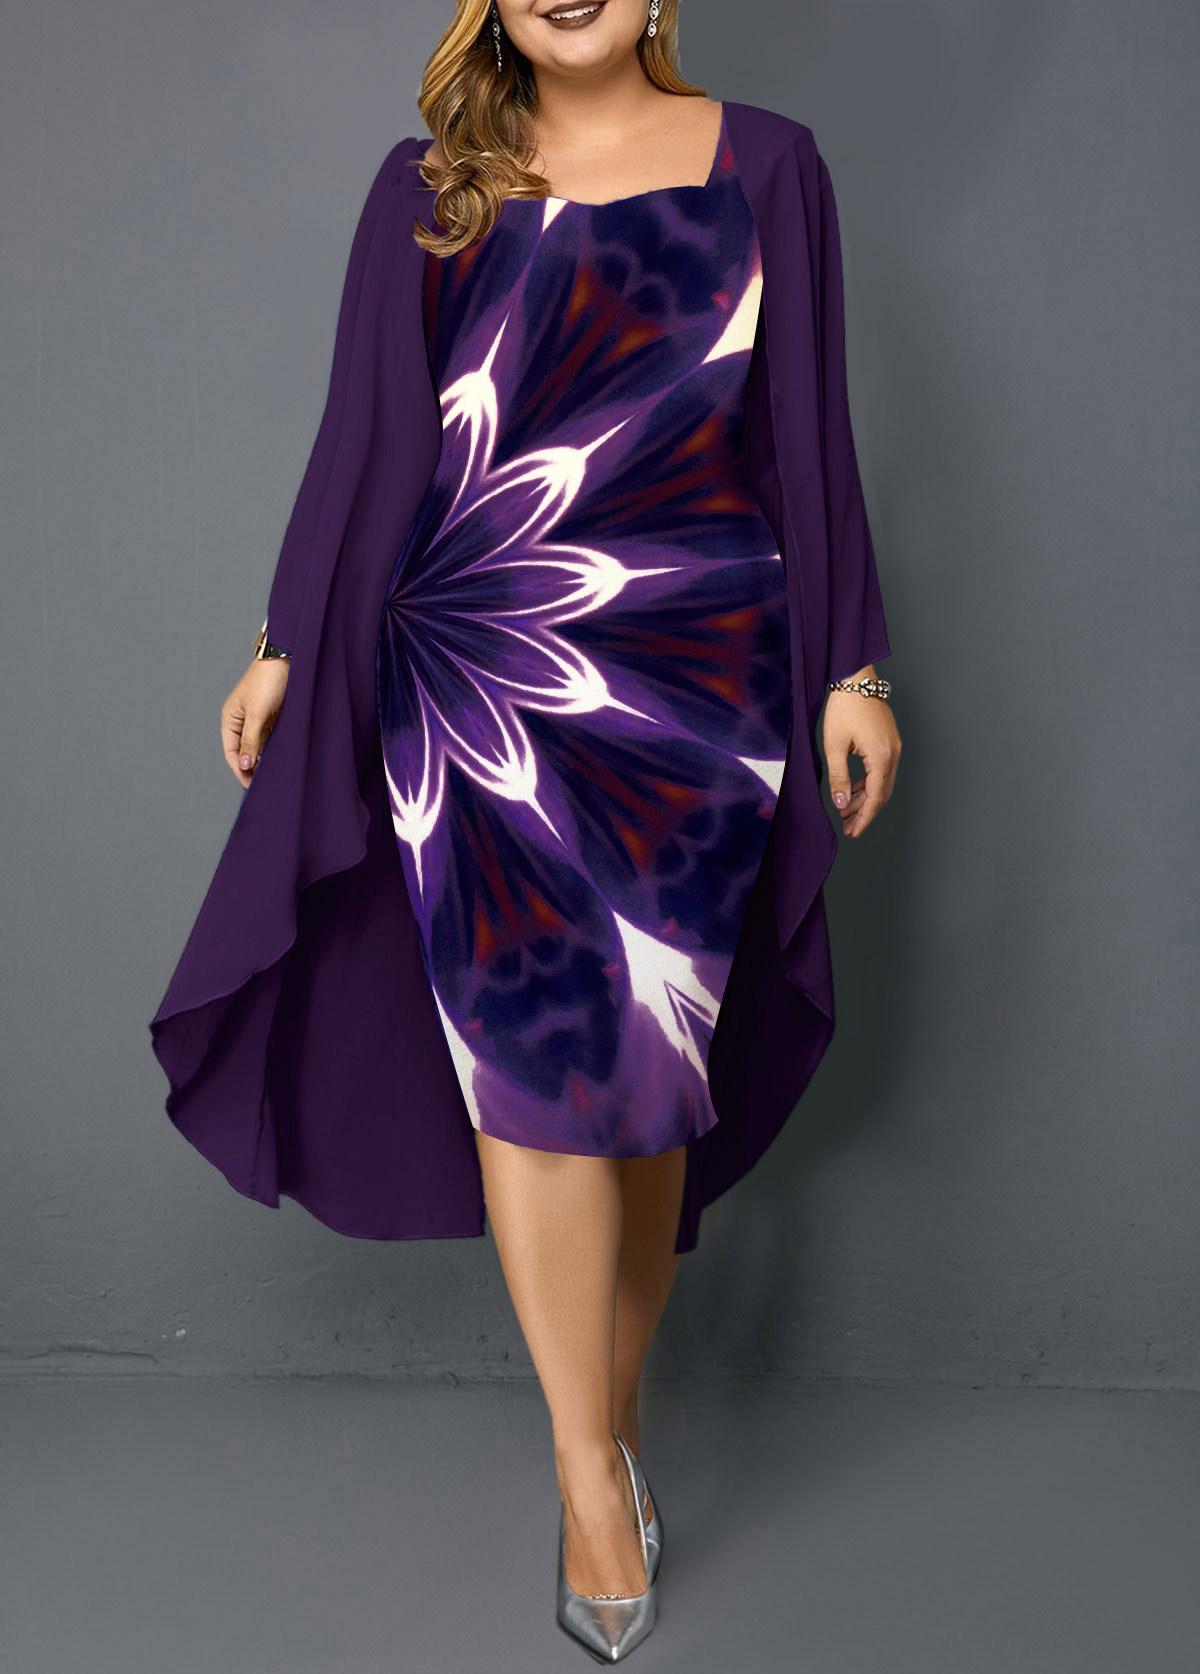 Plus Size Chiffon Cardigan and Printed Sheath Dress